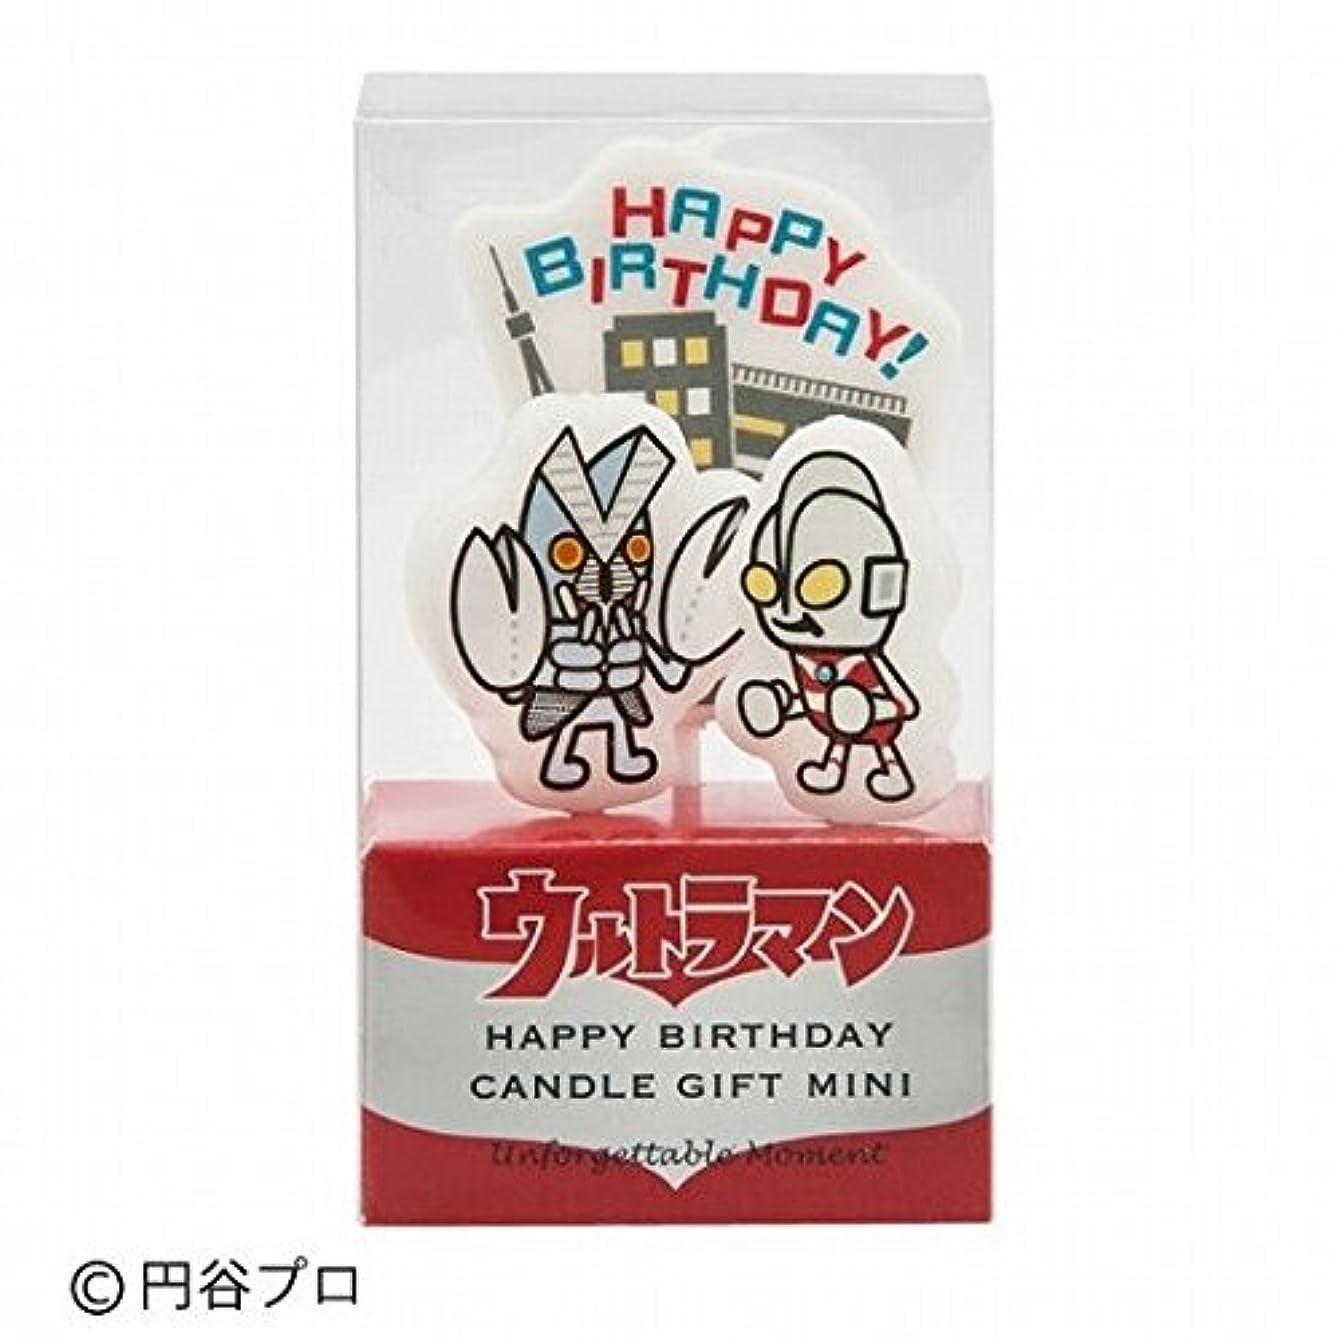 見込みプリーツ体操選手kameyama candle(カメヤマキャンドル) ウルトラマンキャンドルギフトミニ 「 ハッピーバースデー 」(55360060)